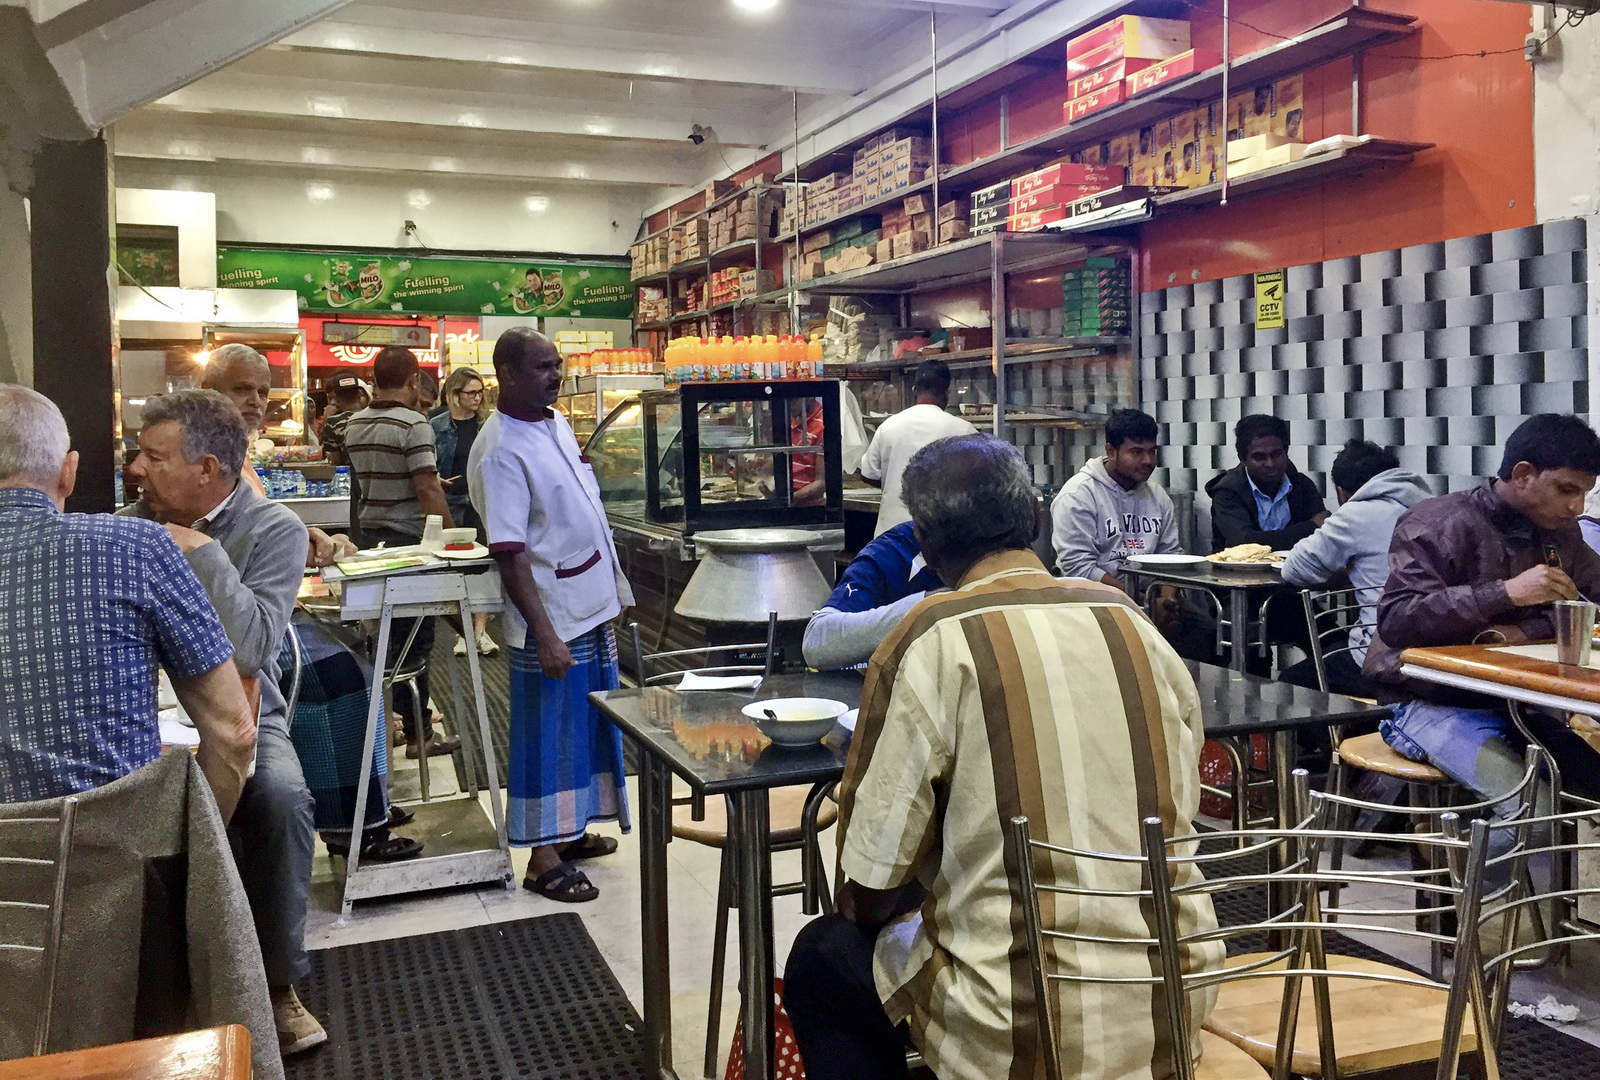 Sri Lanka. This local cafe in Nuwara Eliya served up a cracking biryani!